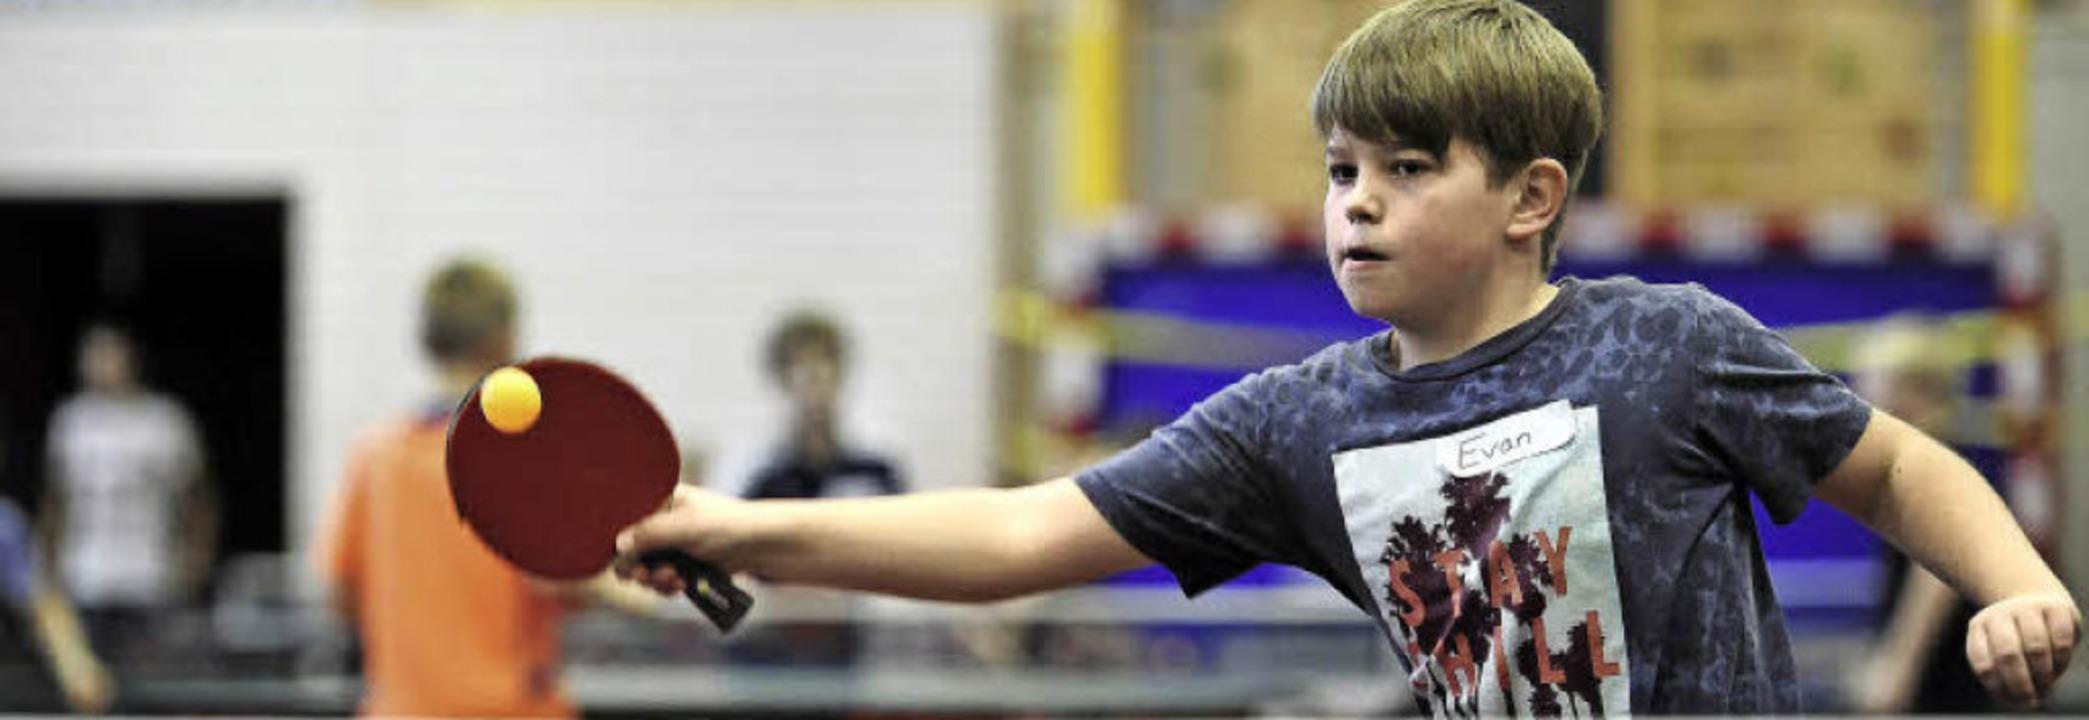 Evan (9) ist eines der Kinder, die zur...m Sonntag beim Turnier im Rieselfeld.     Foto: thomas kunz